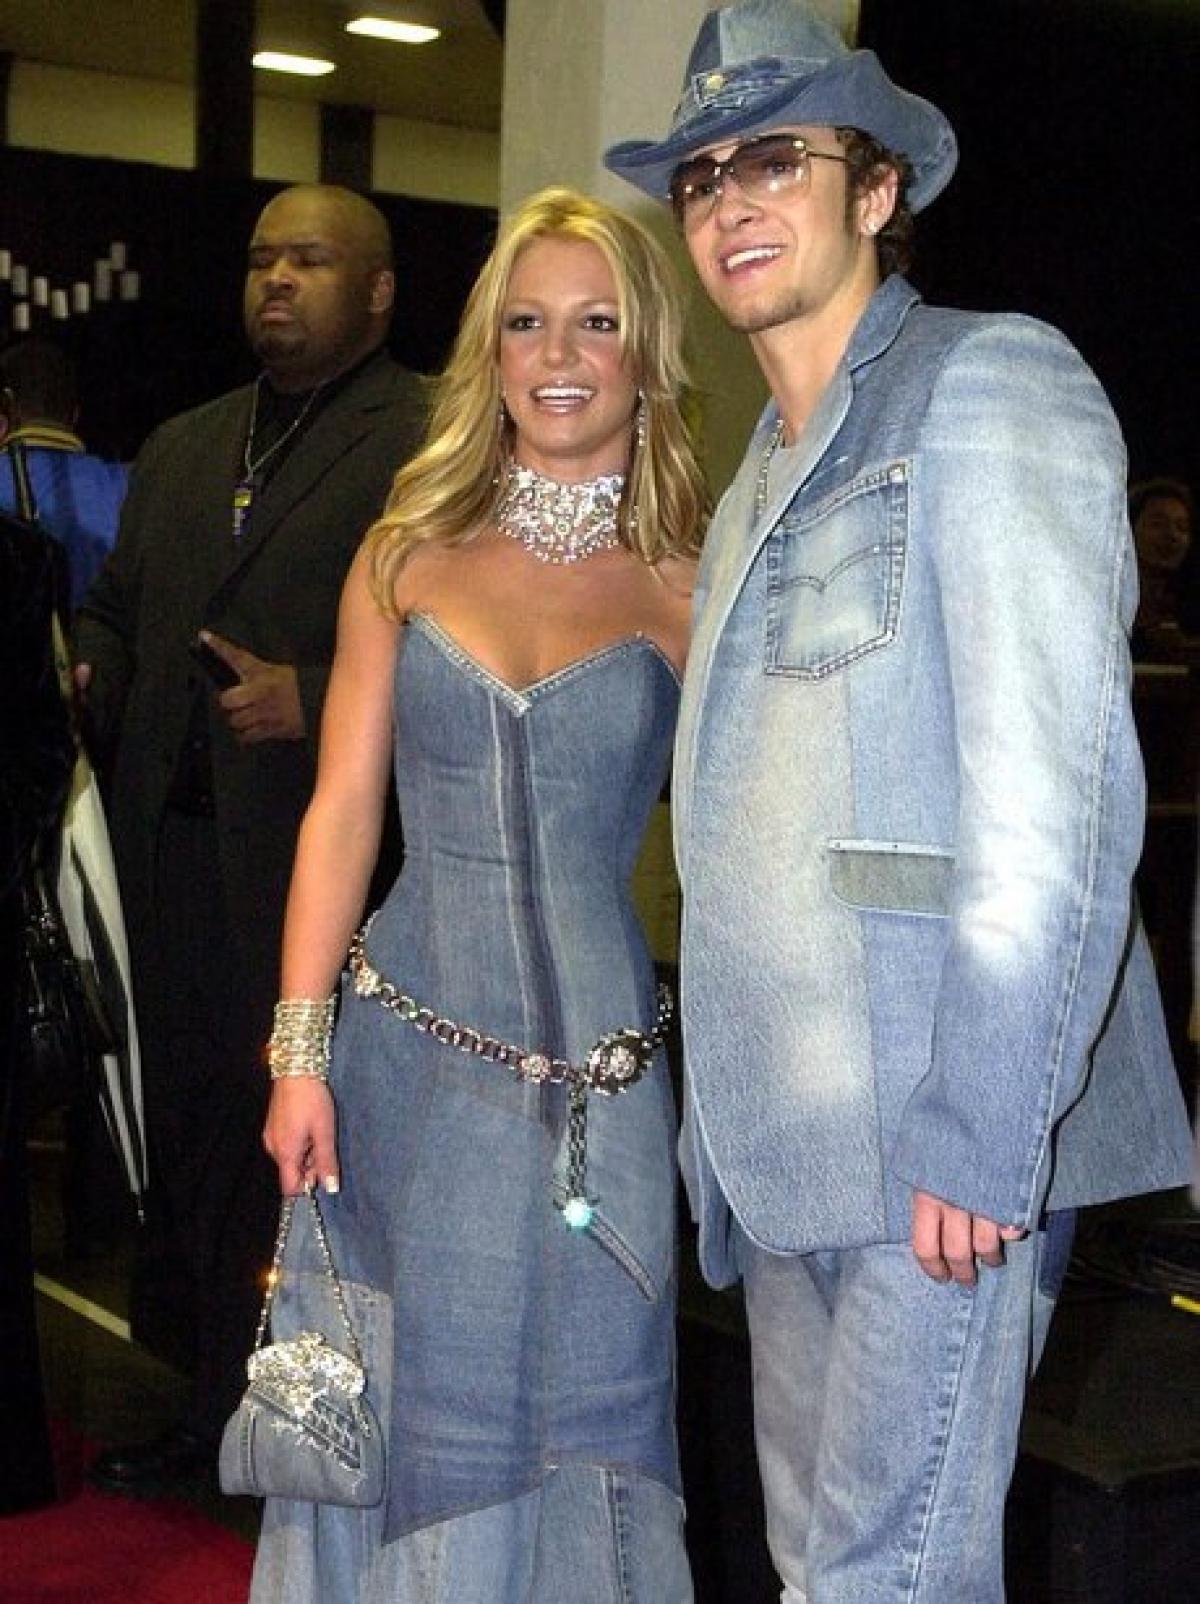 Britney và Justin Timberlake lăng-xê mốt denim. Cả hai diện đồ đồng điệu và tay trong tay hạnh phúc.